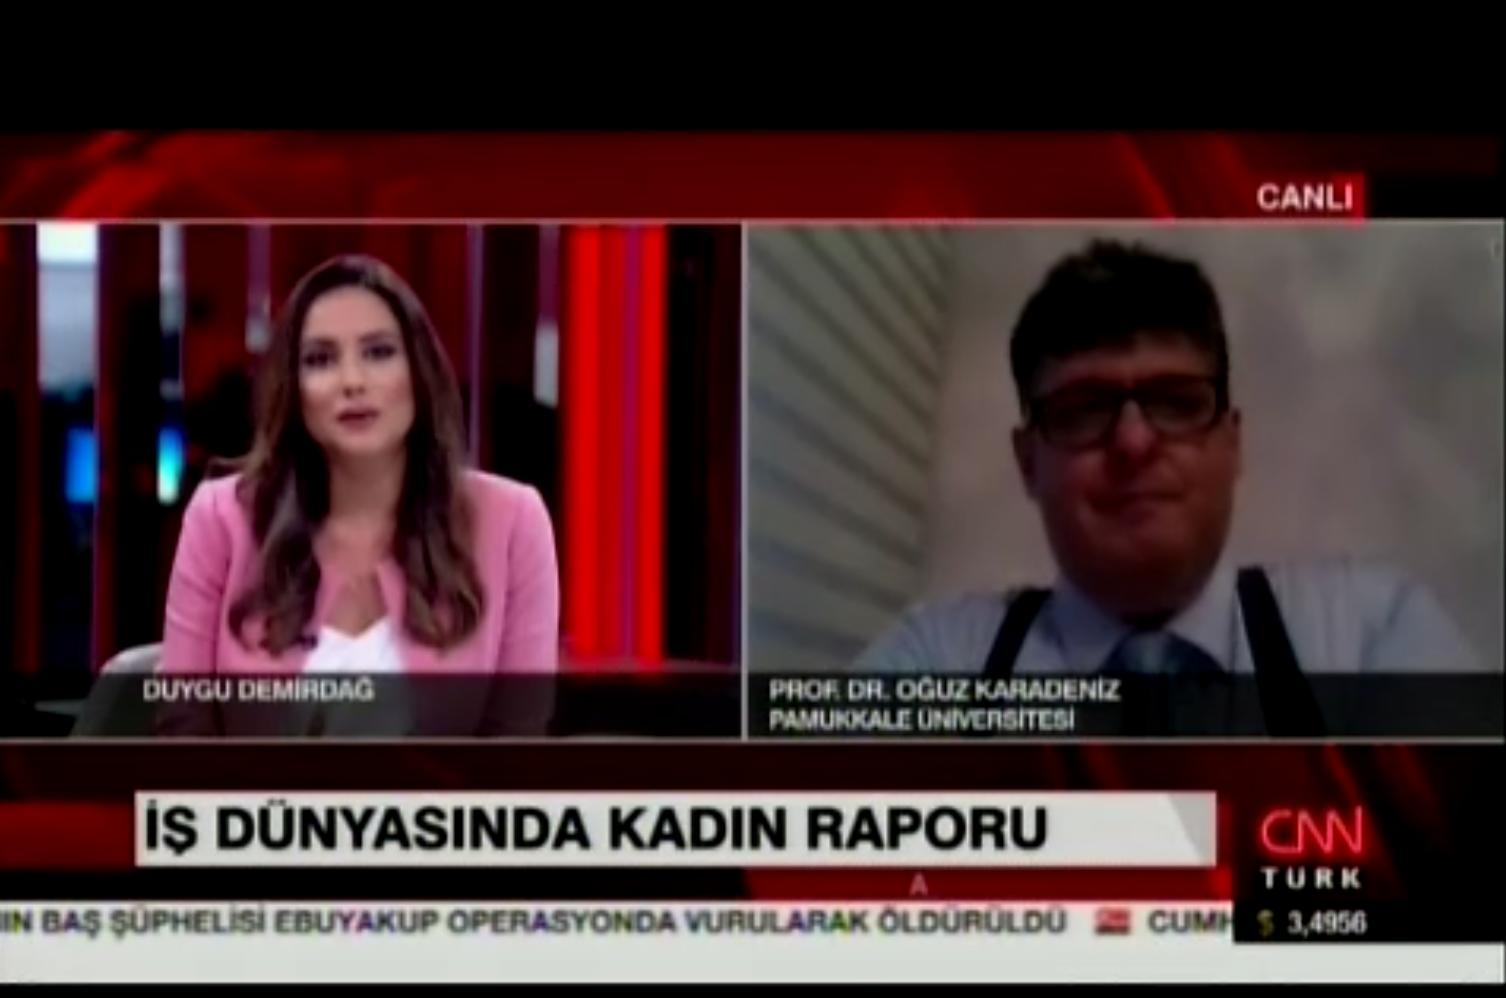 CNN Türk - İş Dünyasında Kadın Raporu - Oğuz Karadeniz 21.08.2017